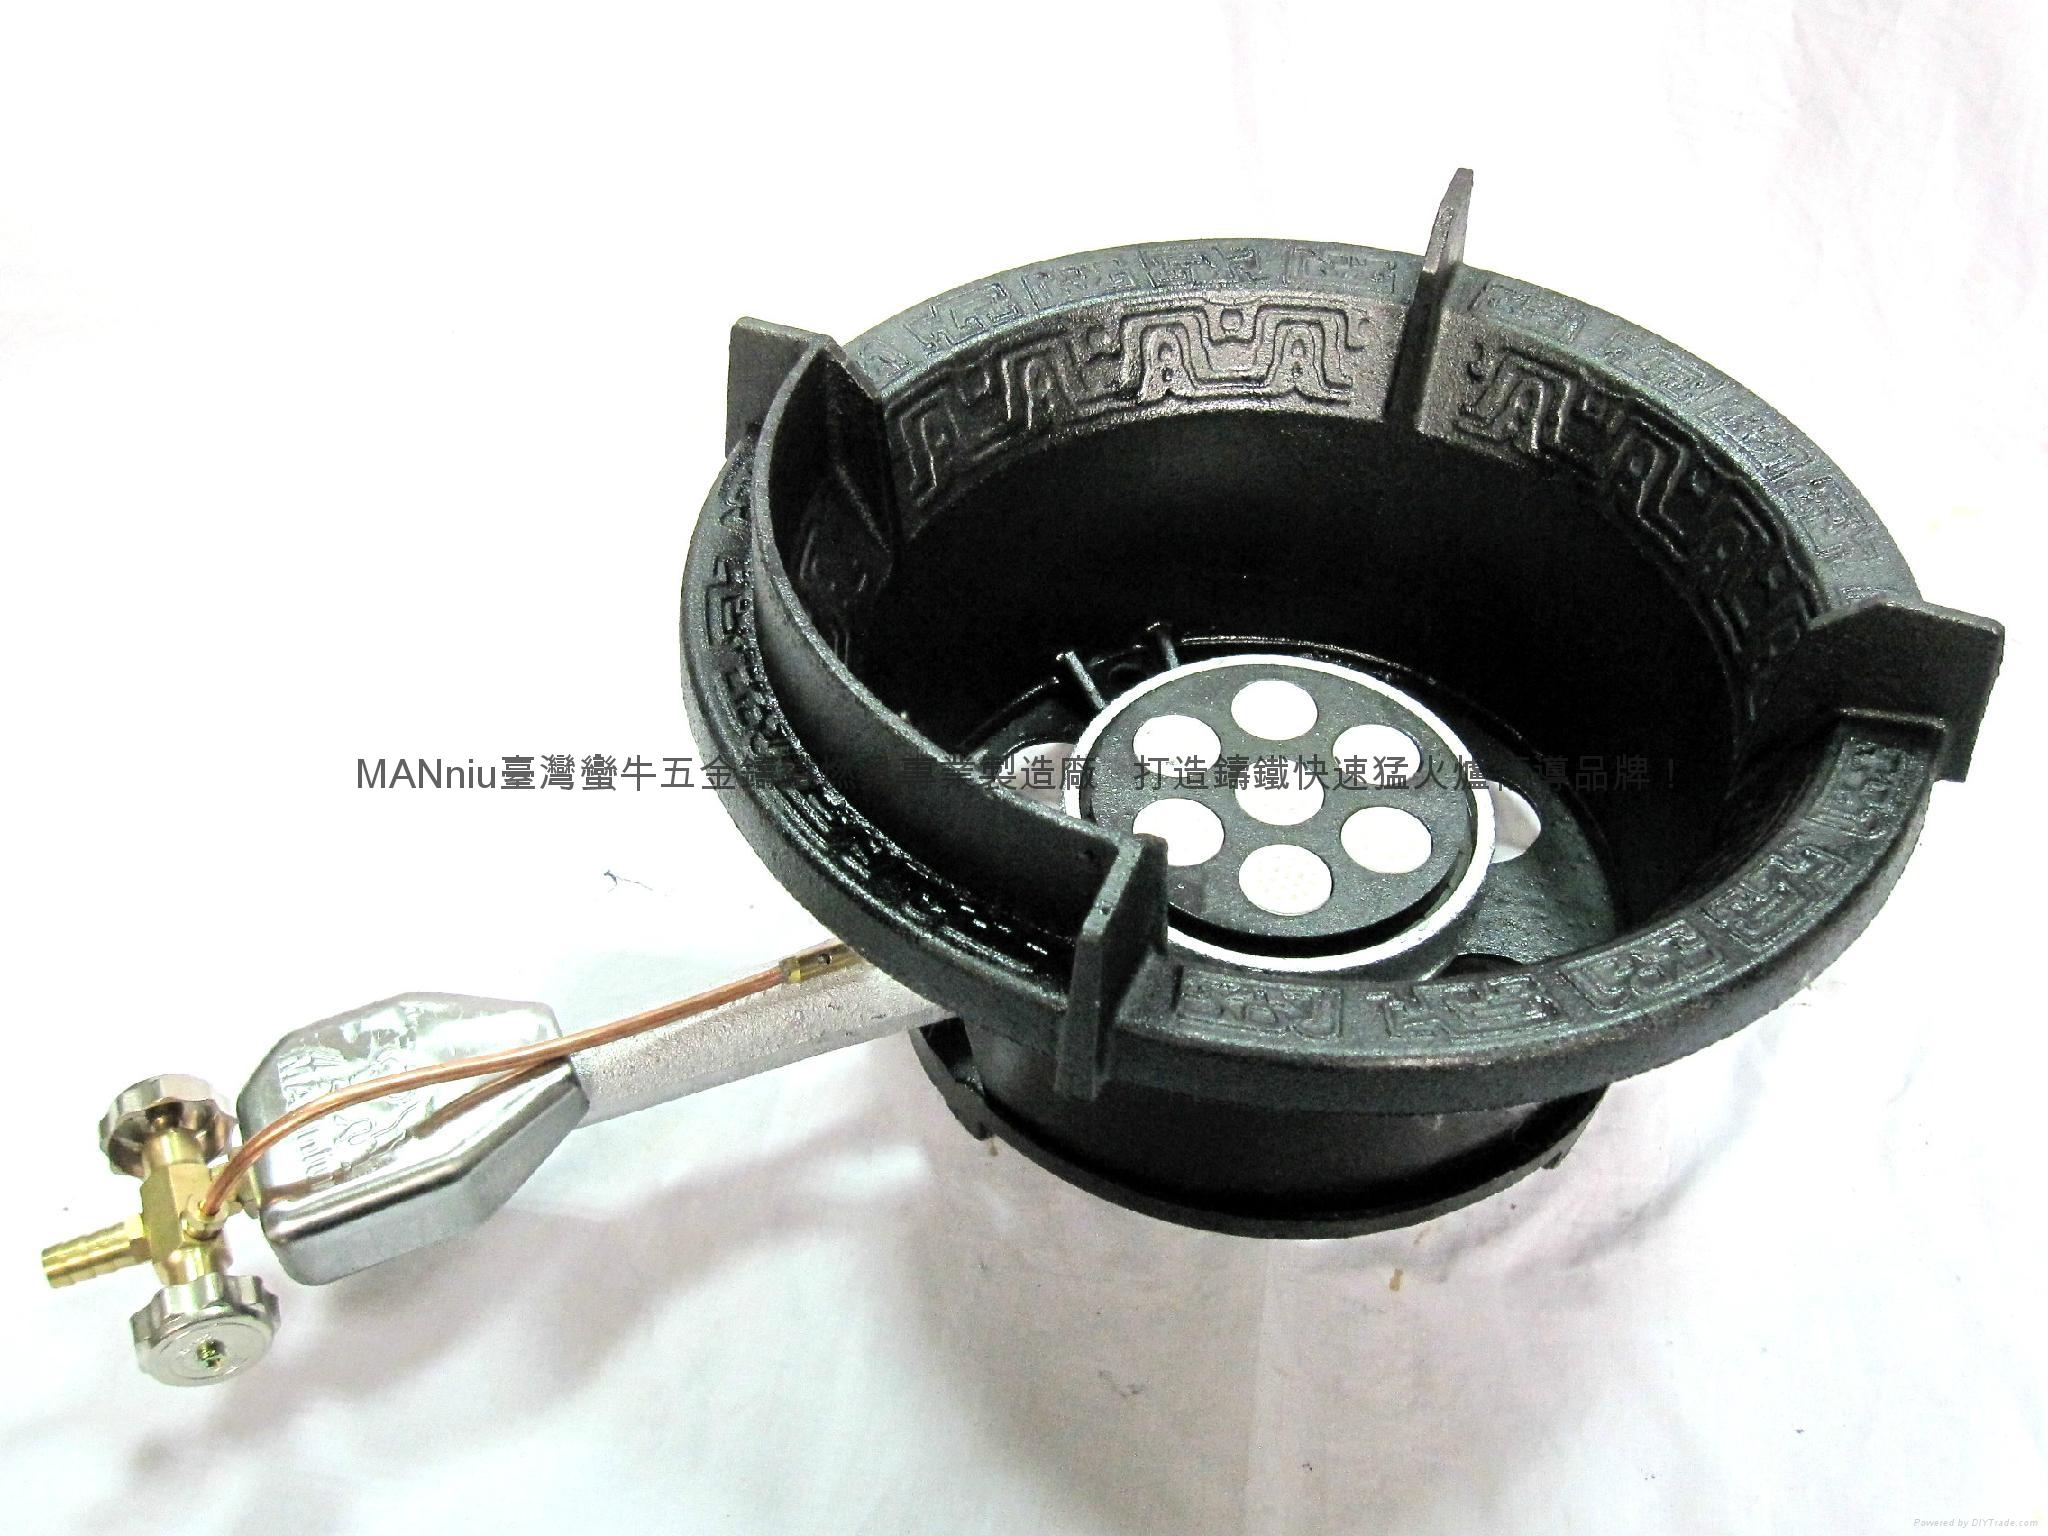 MANniu X72 New IR fast gas burner  1